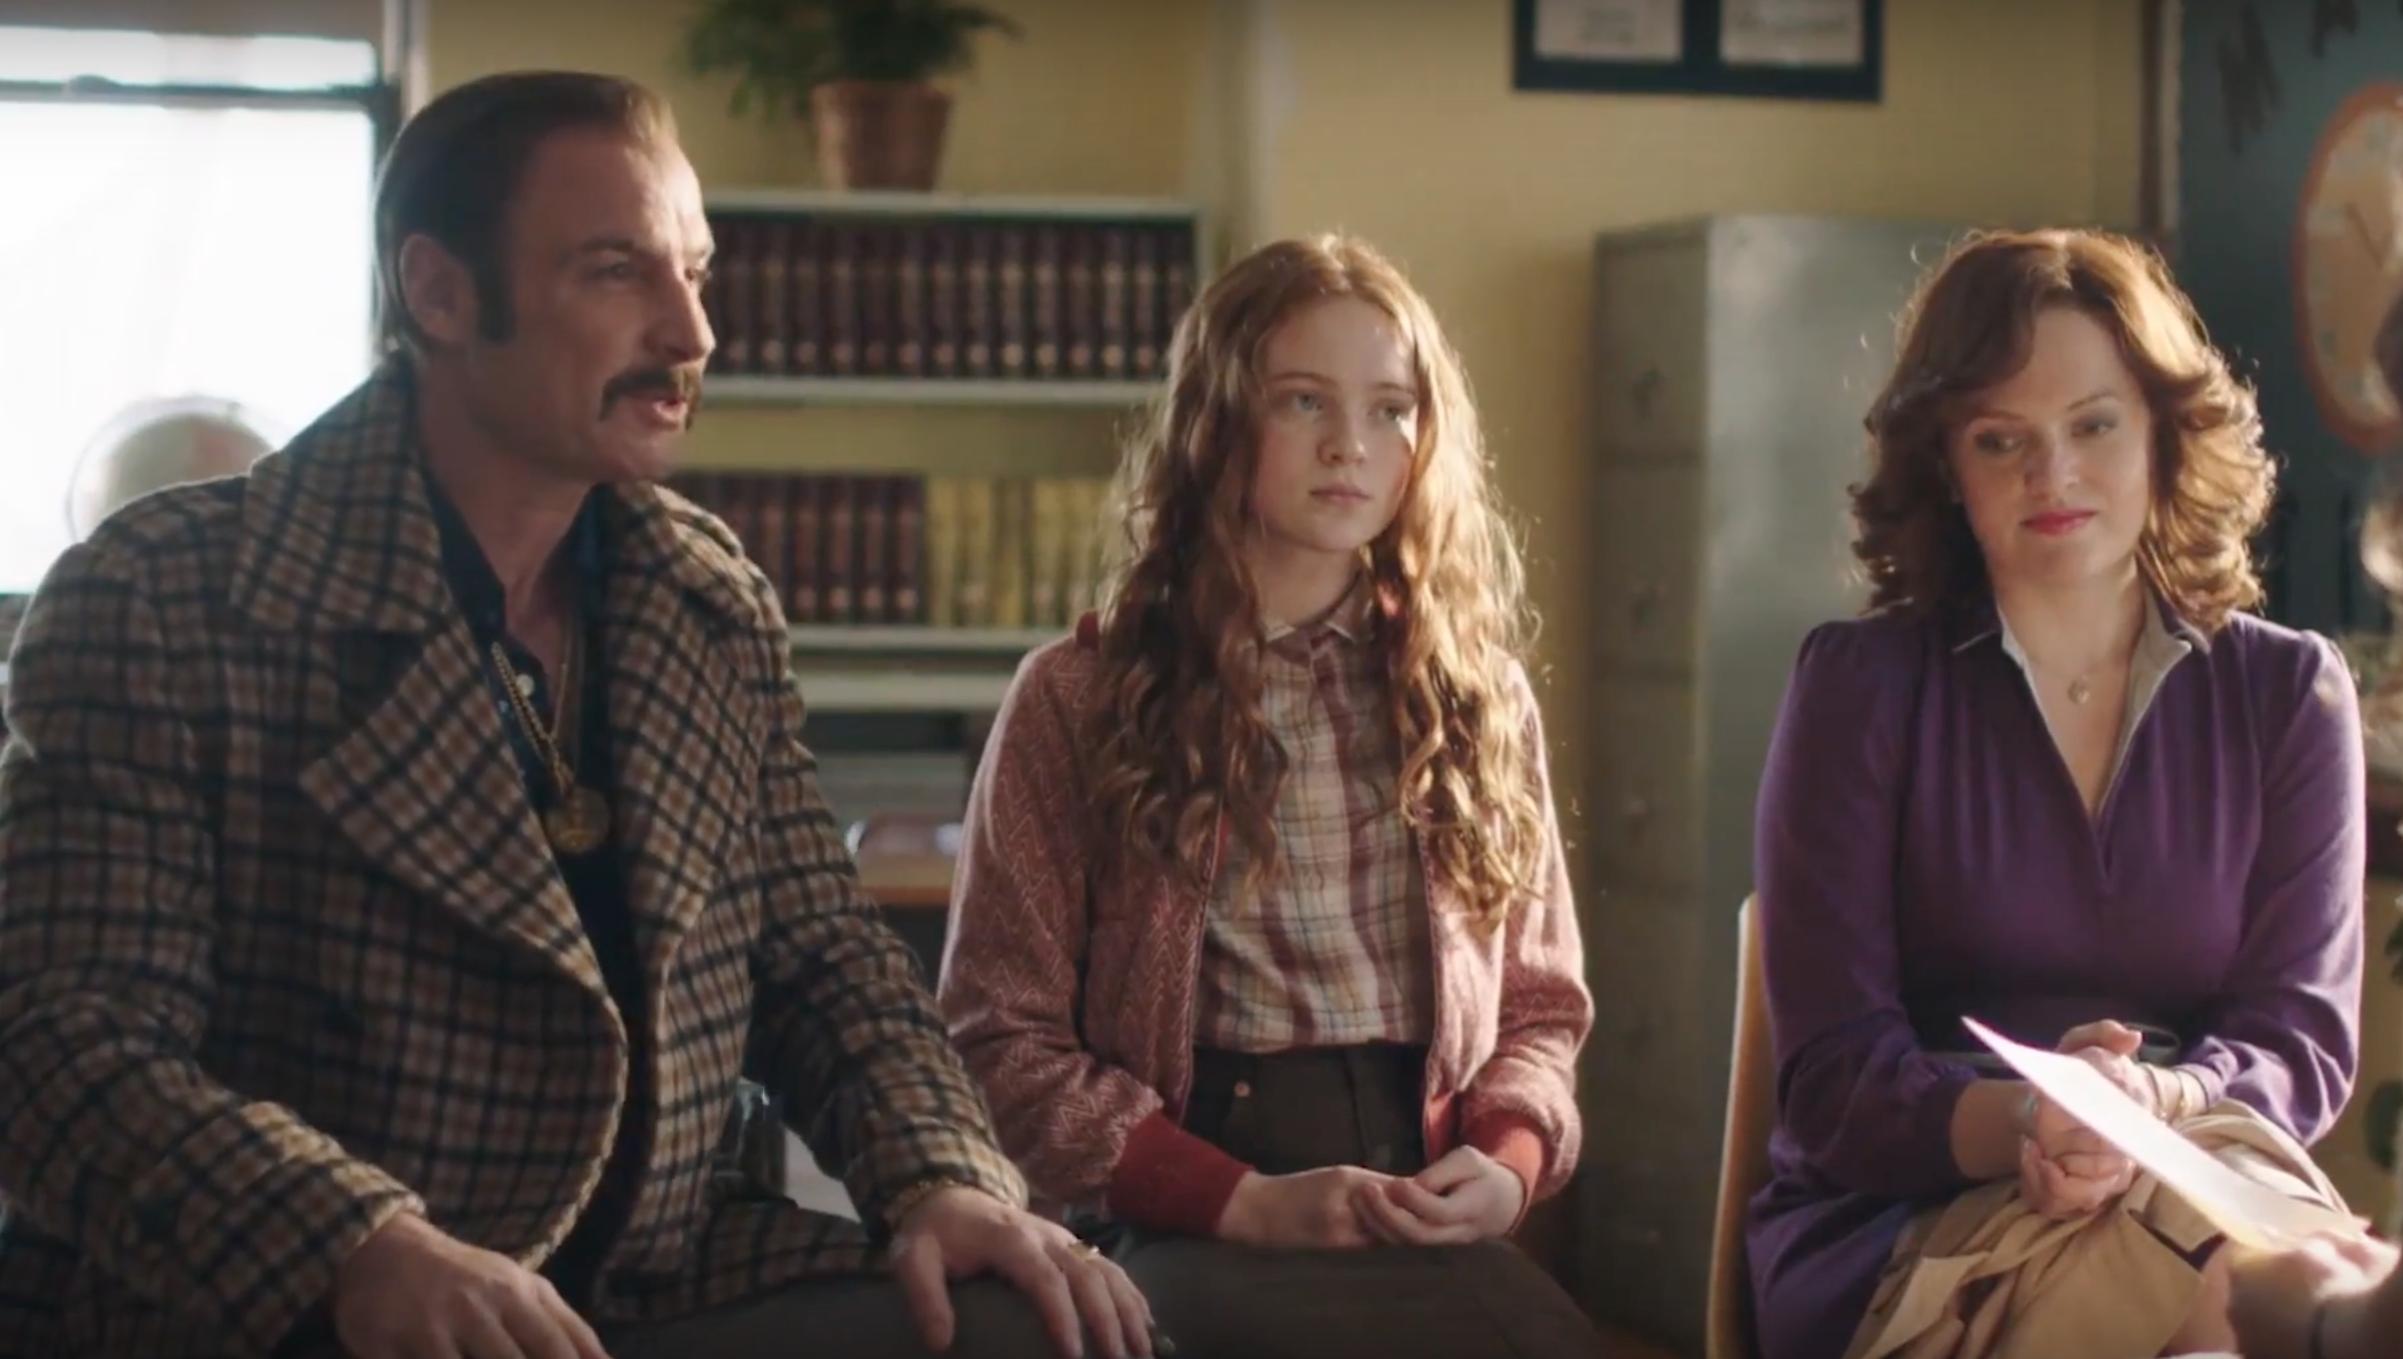 Liev Schreiber, Elisabeth Moss, and Sadie Sink in The Bleeder (2016)